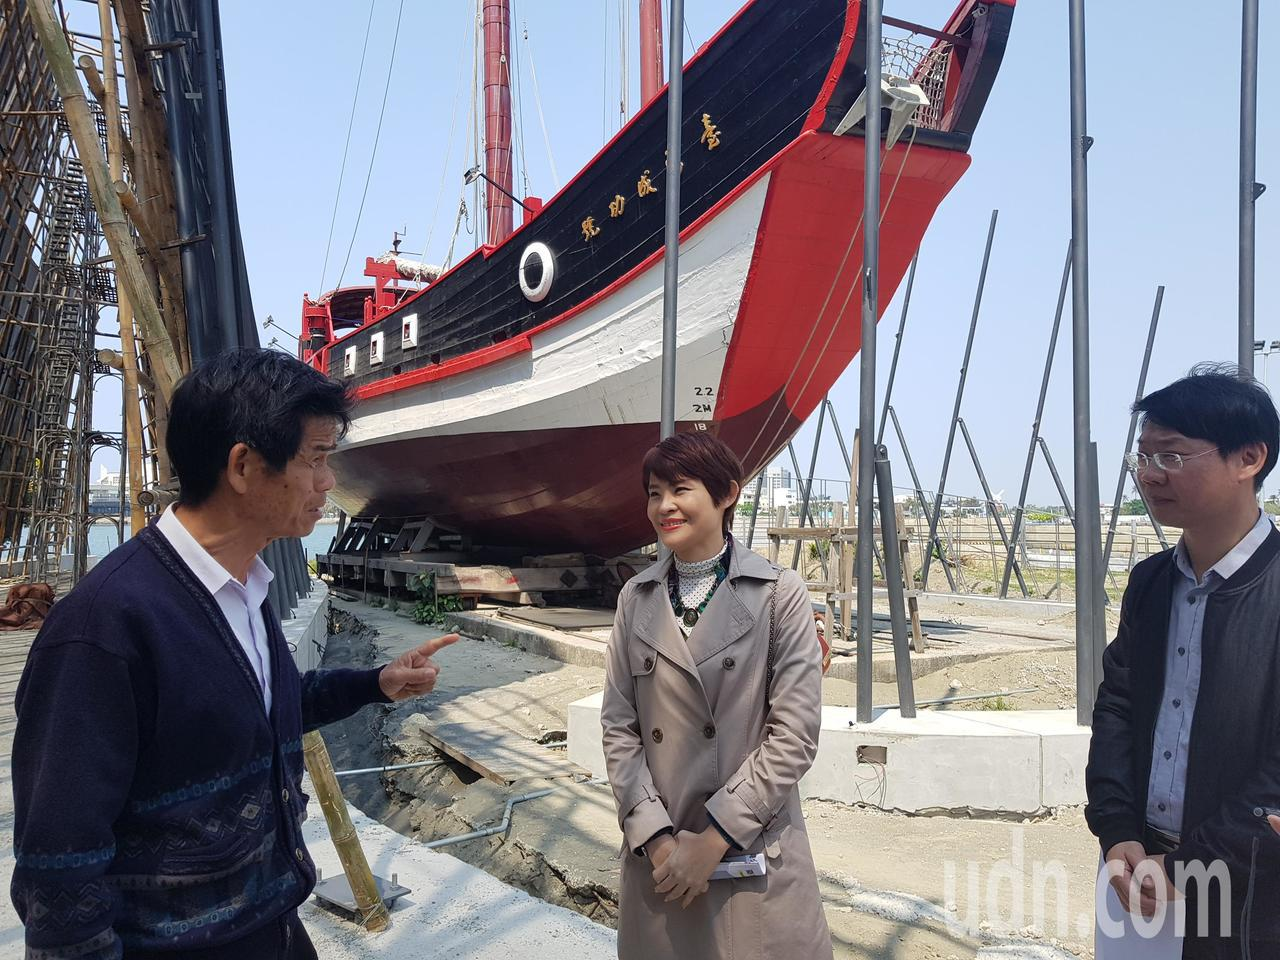 台南市議員李文正(左)昨天上午前往台灣船現場了解整修進度。記者修瑞瑩/攝影